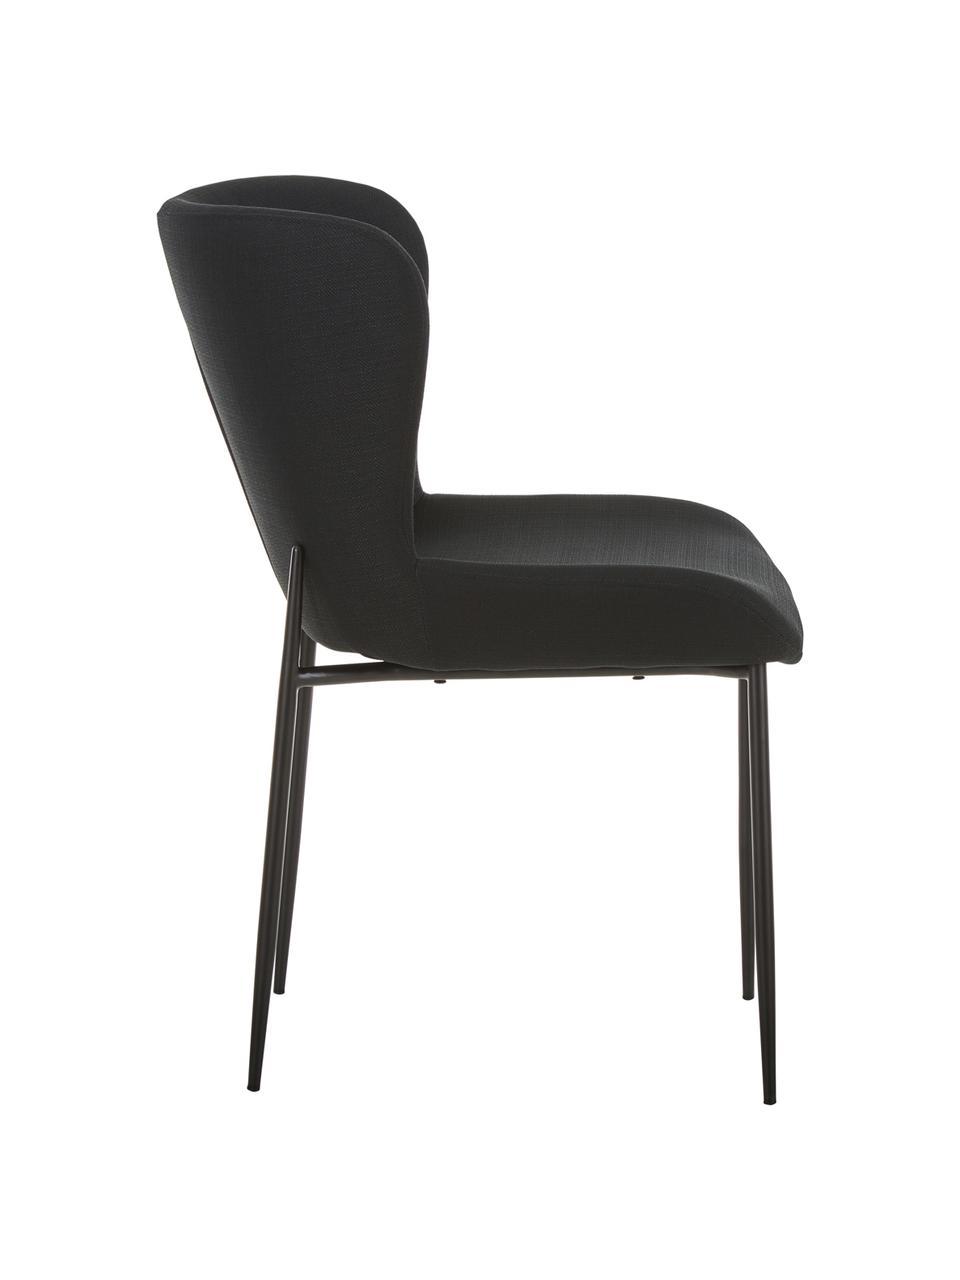 Chaise rembourrée design Tess, Tissu noir, pieds noirs